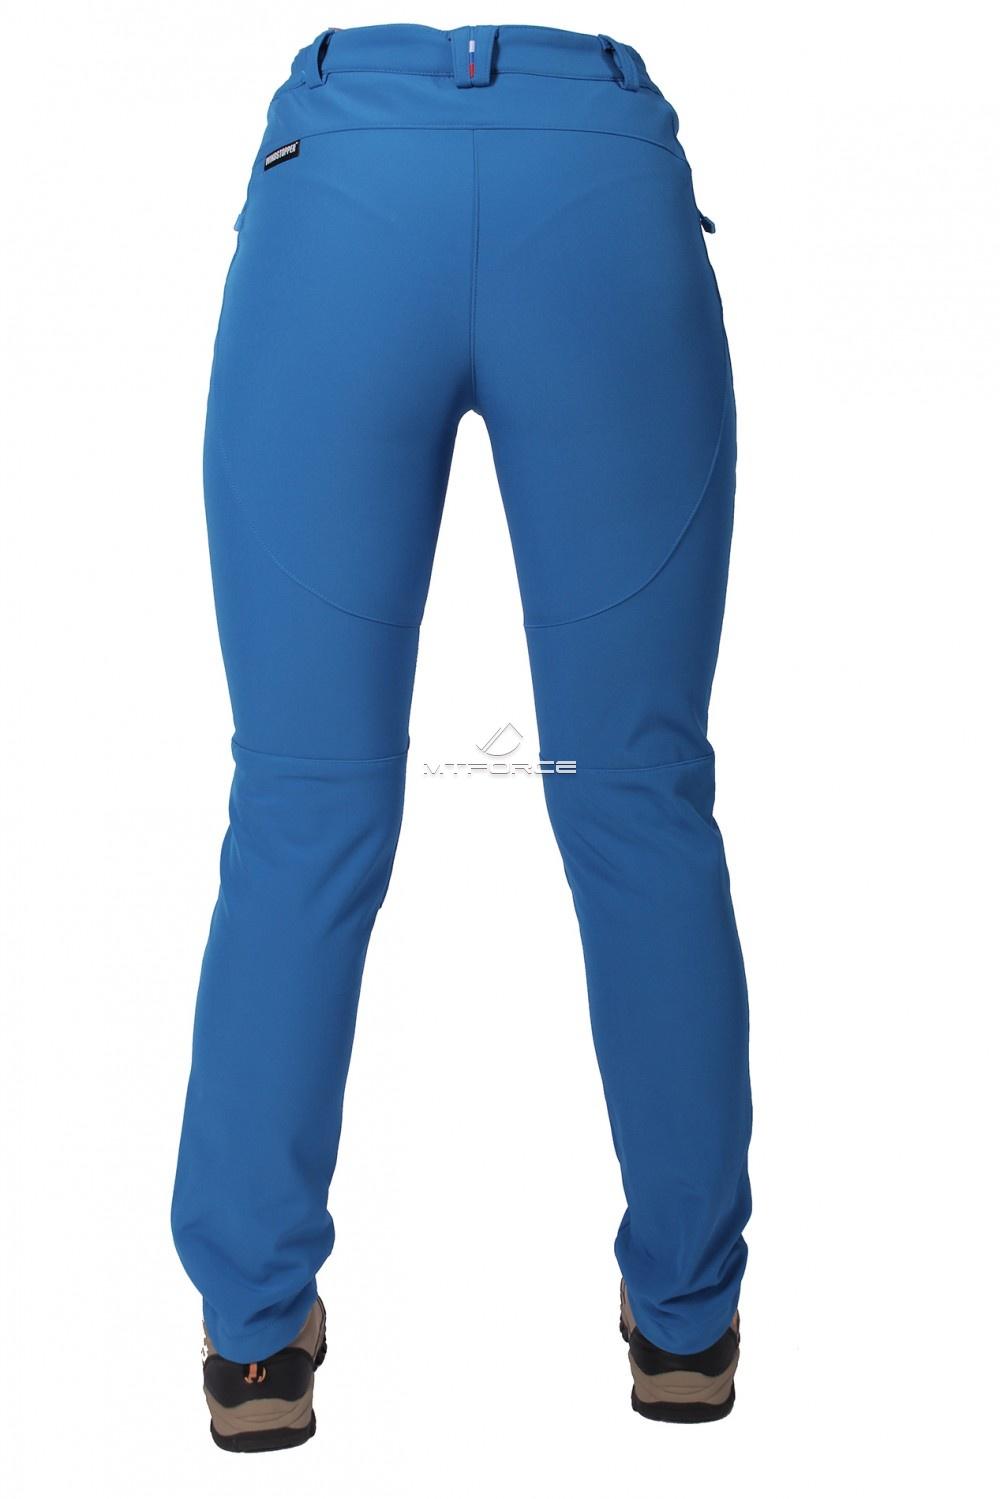 Купить оптом Брюки виндстопер женские синего цвета  3820S в Перми